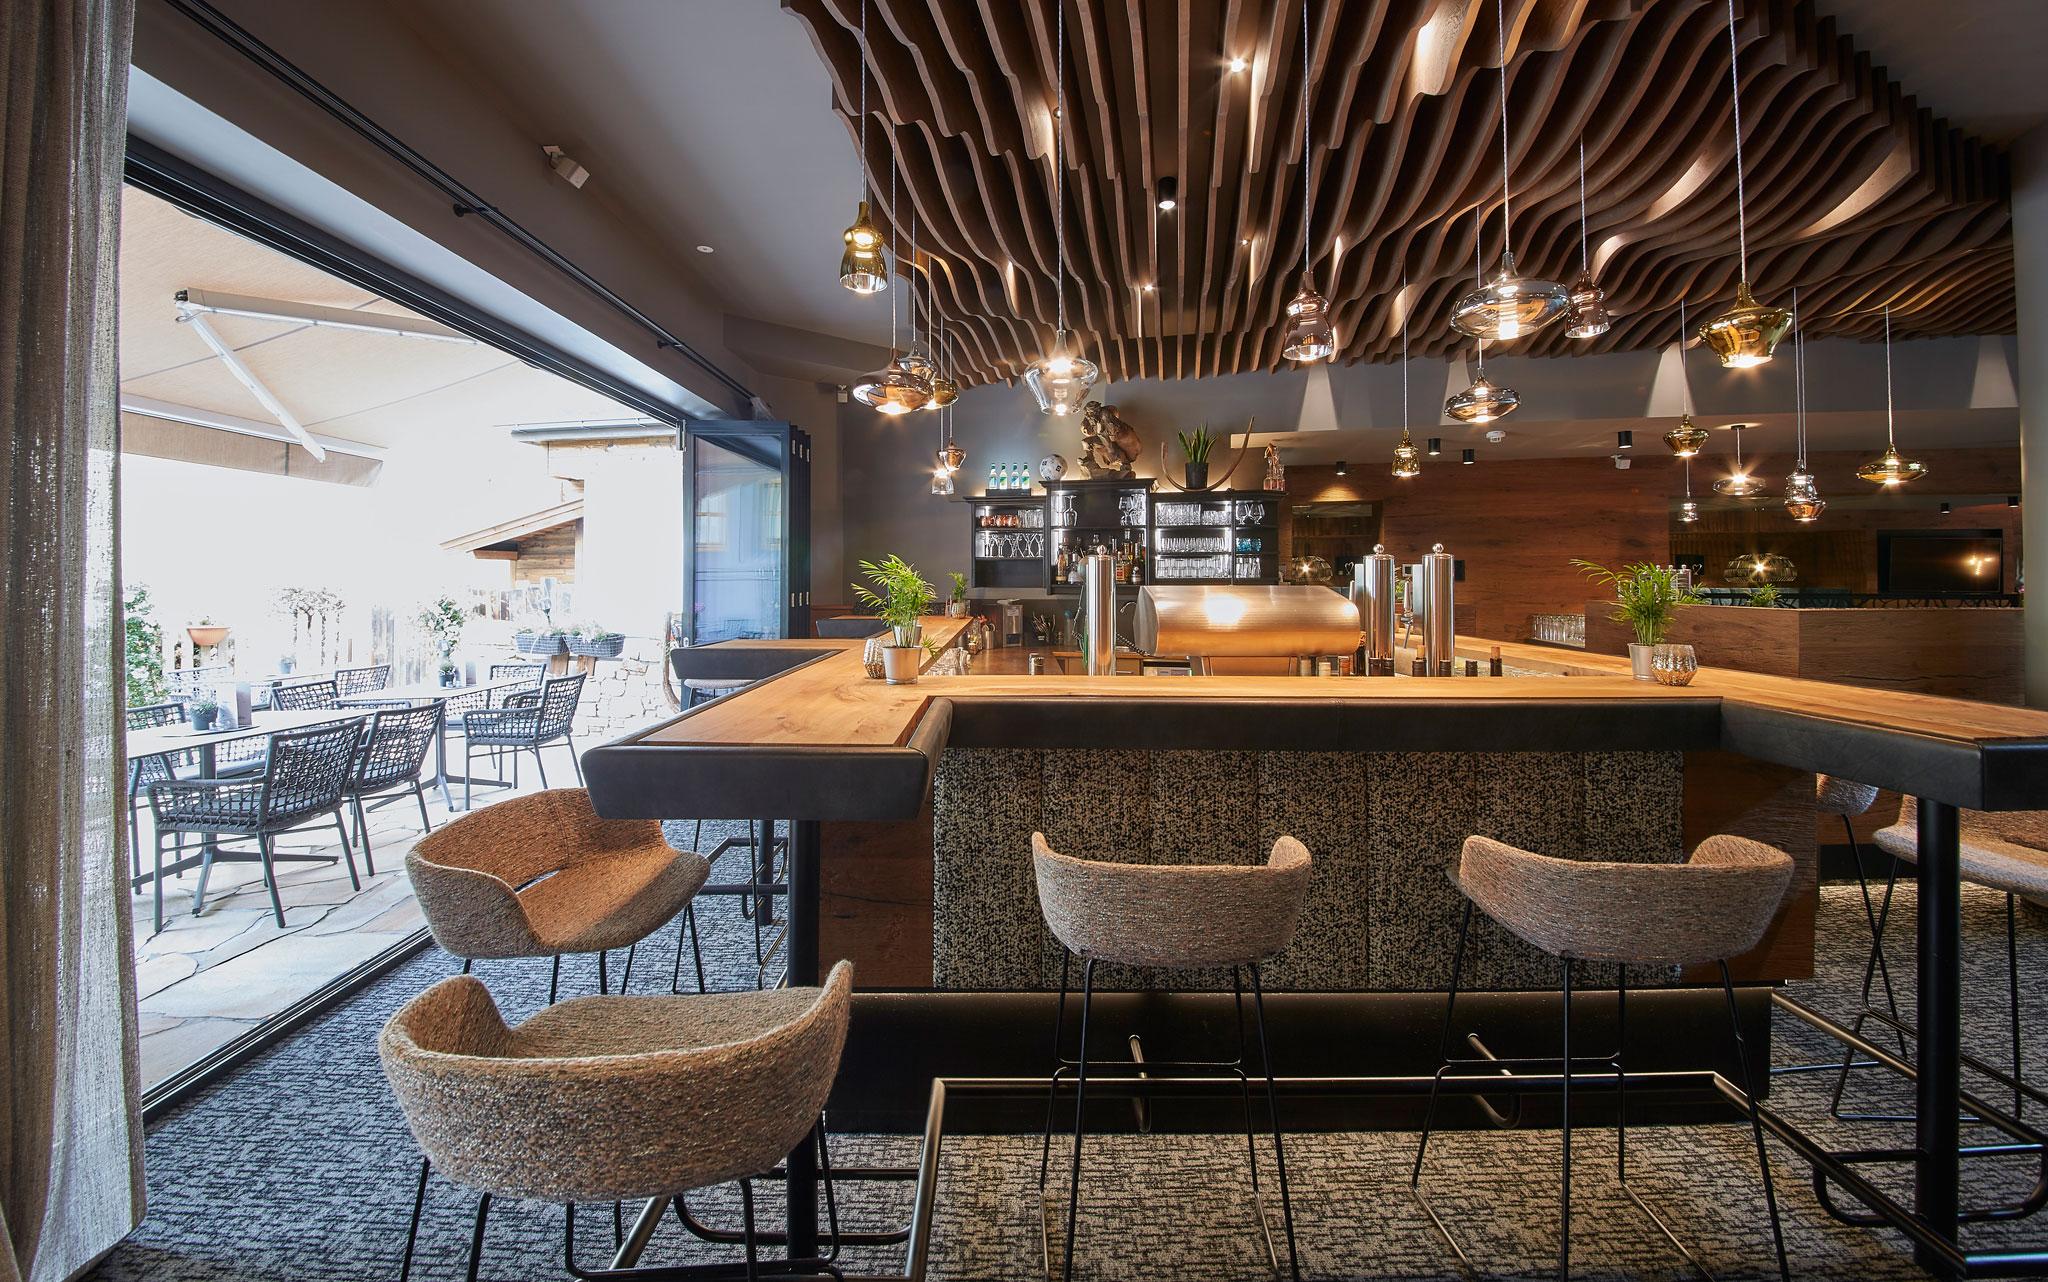 Die Bar mit stylischen Deckenlampen und Hochstühlen um die Bar herum.